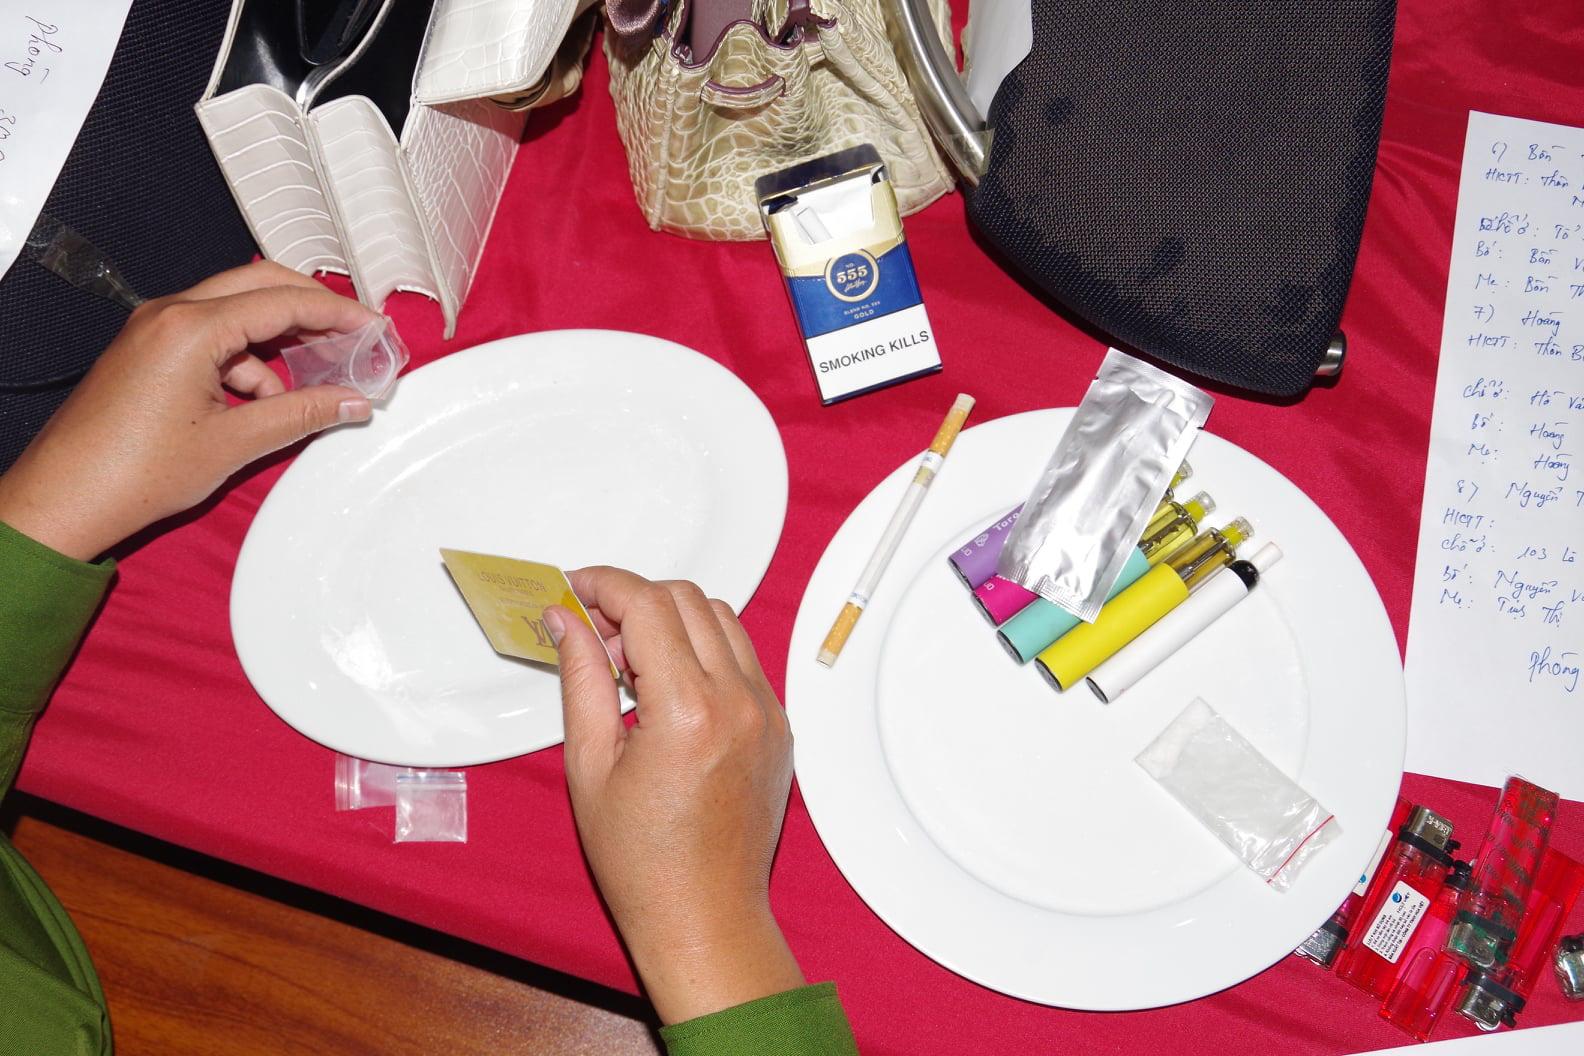 Hà Nam: Bắt 39 đối tượng 'thác loạn' bằng ma túy, mua bán dâm trong khách sạn - Ảnh 2.